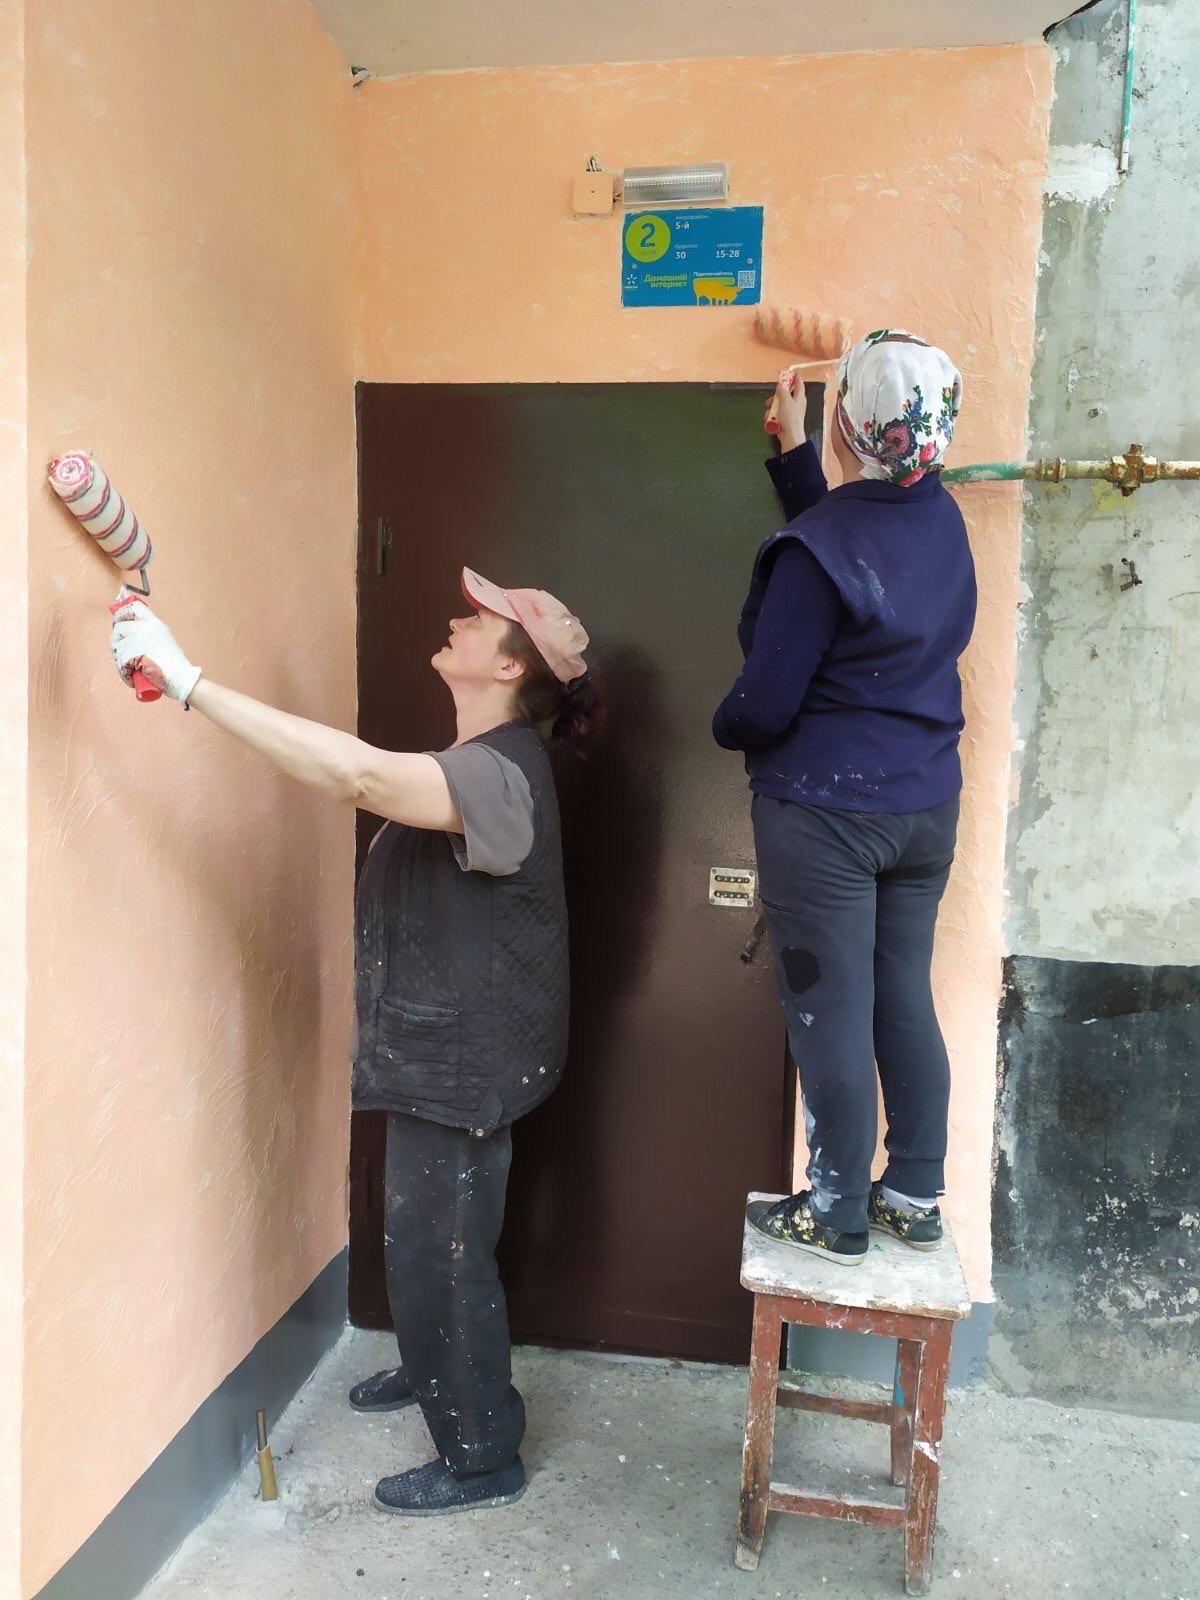 Від бухгалтерії до сантехнічних робіт:  чому варто звернутися до приватного управителя «Квартал-сервіс Лозова 2», фото-7